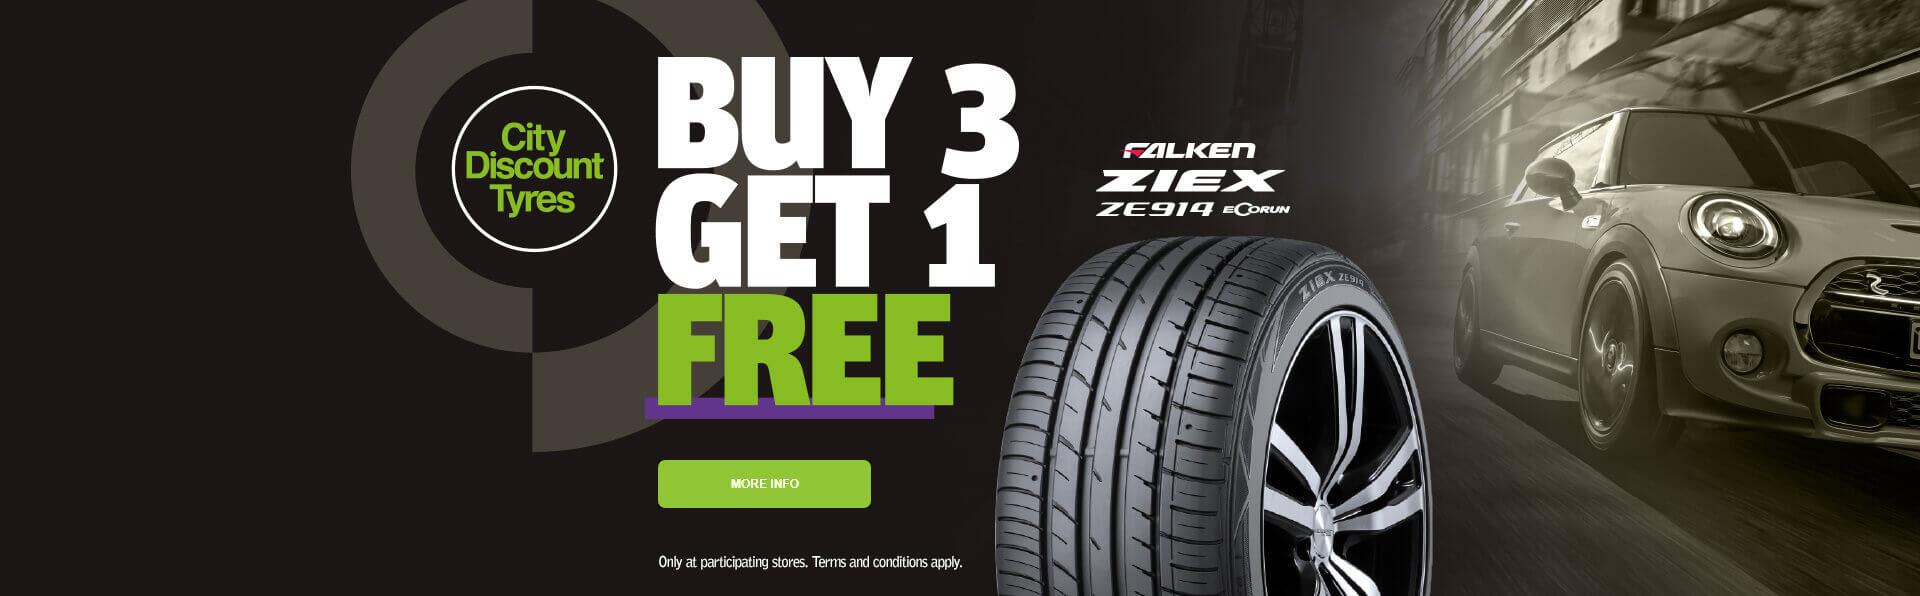 Buy 3 of ZIEX ZE914 and get 1 Free